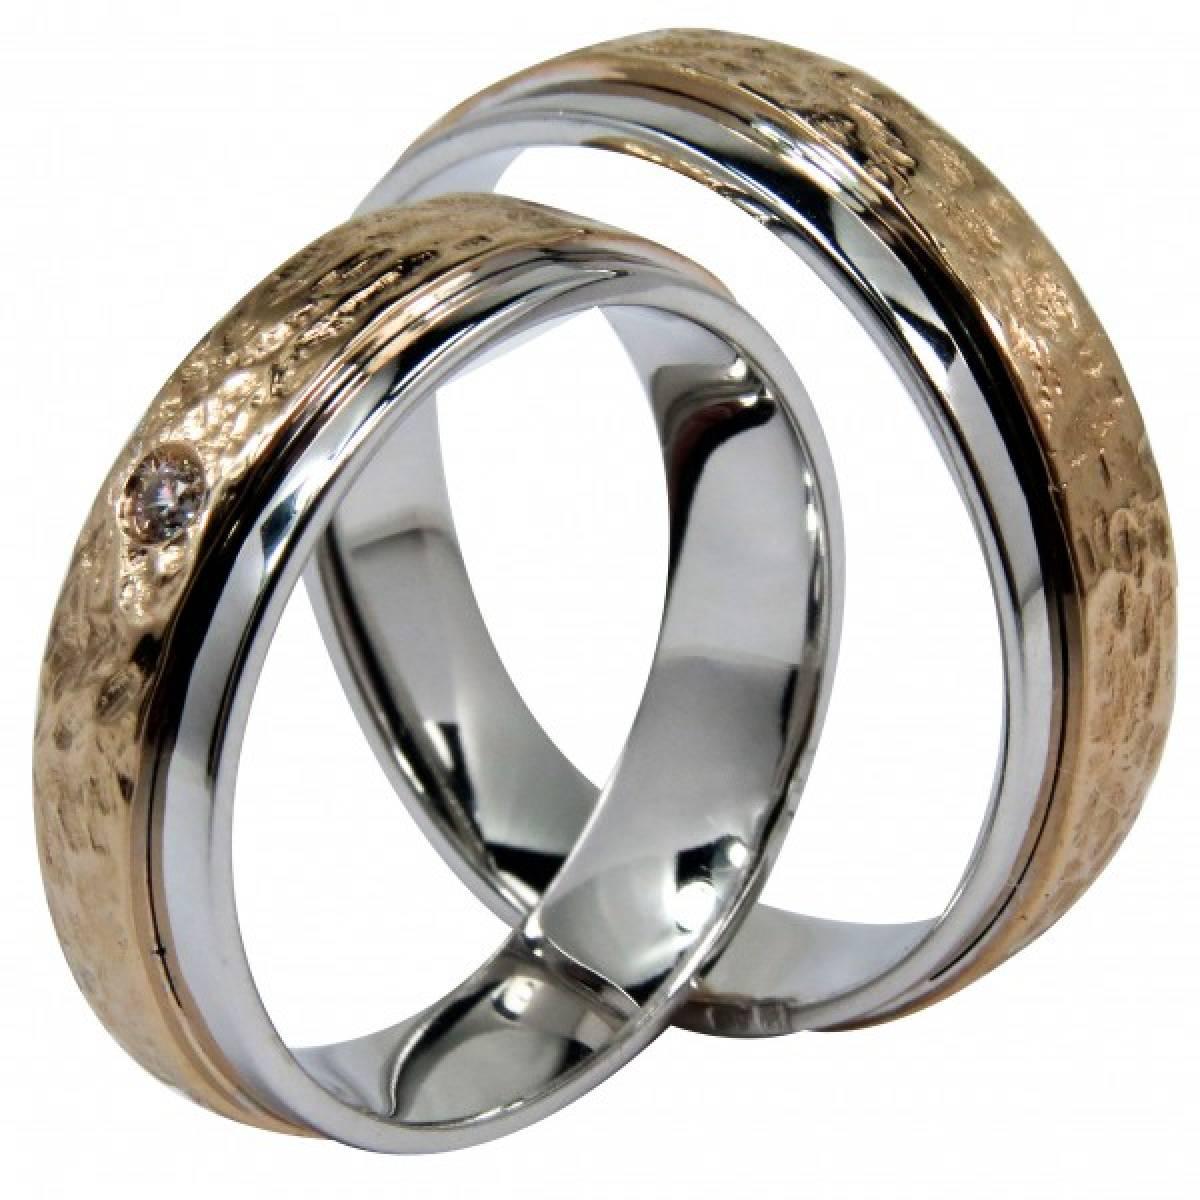 Alianças de Casamento bicolores em ouro de 9 e 19 kts, com 1 diamante